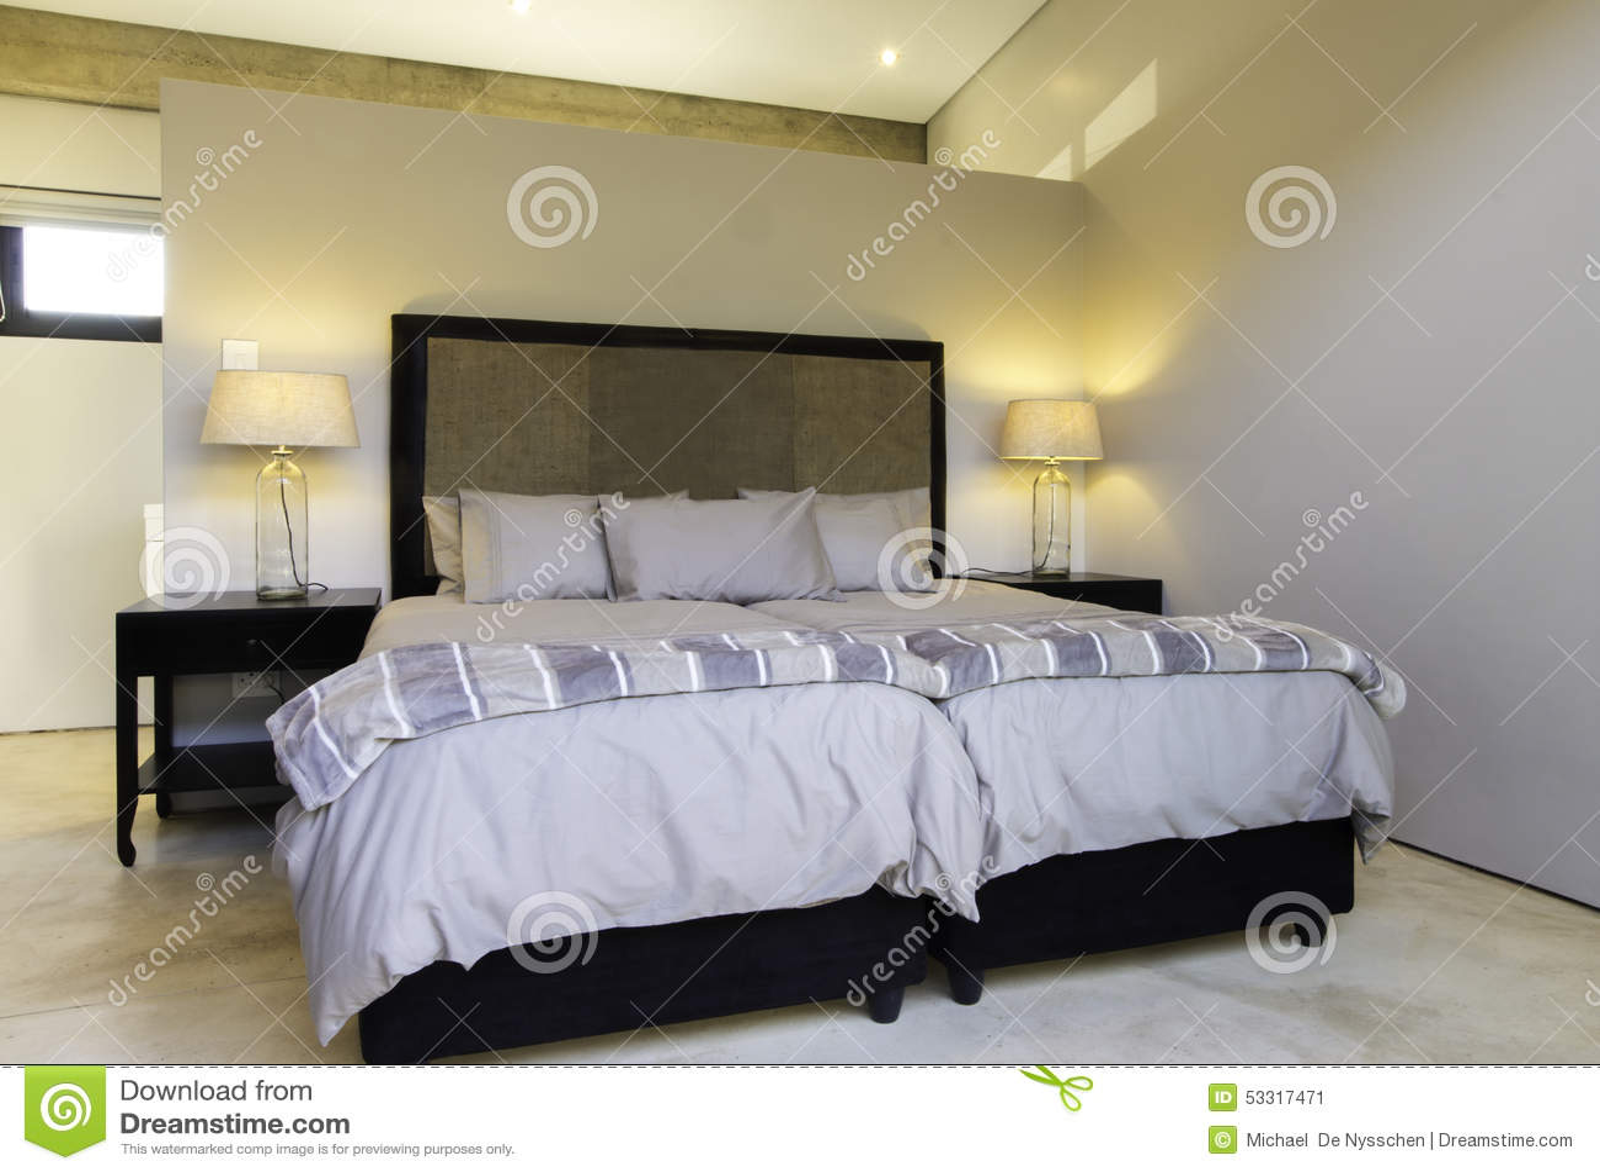 La chambre coucher allume la pi ce de literie photo for Chambre 0 coucher